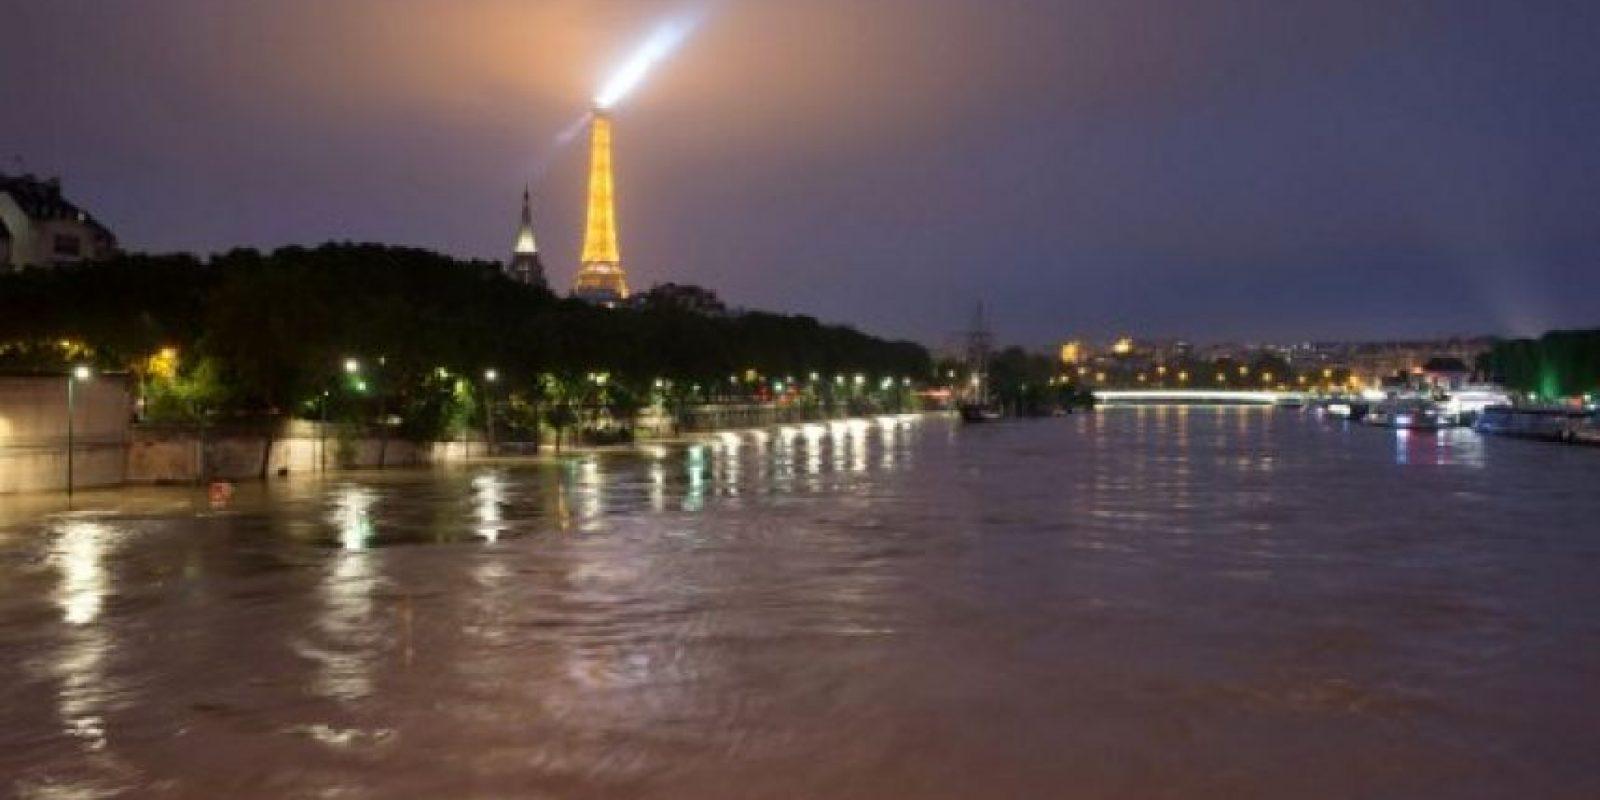 Así luce el río Sena en estos momentos. Foto:AFP